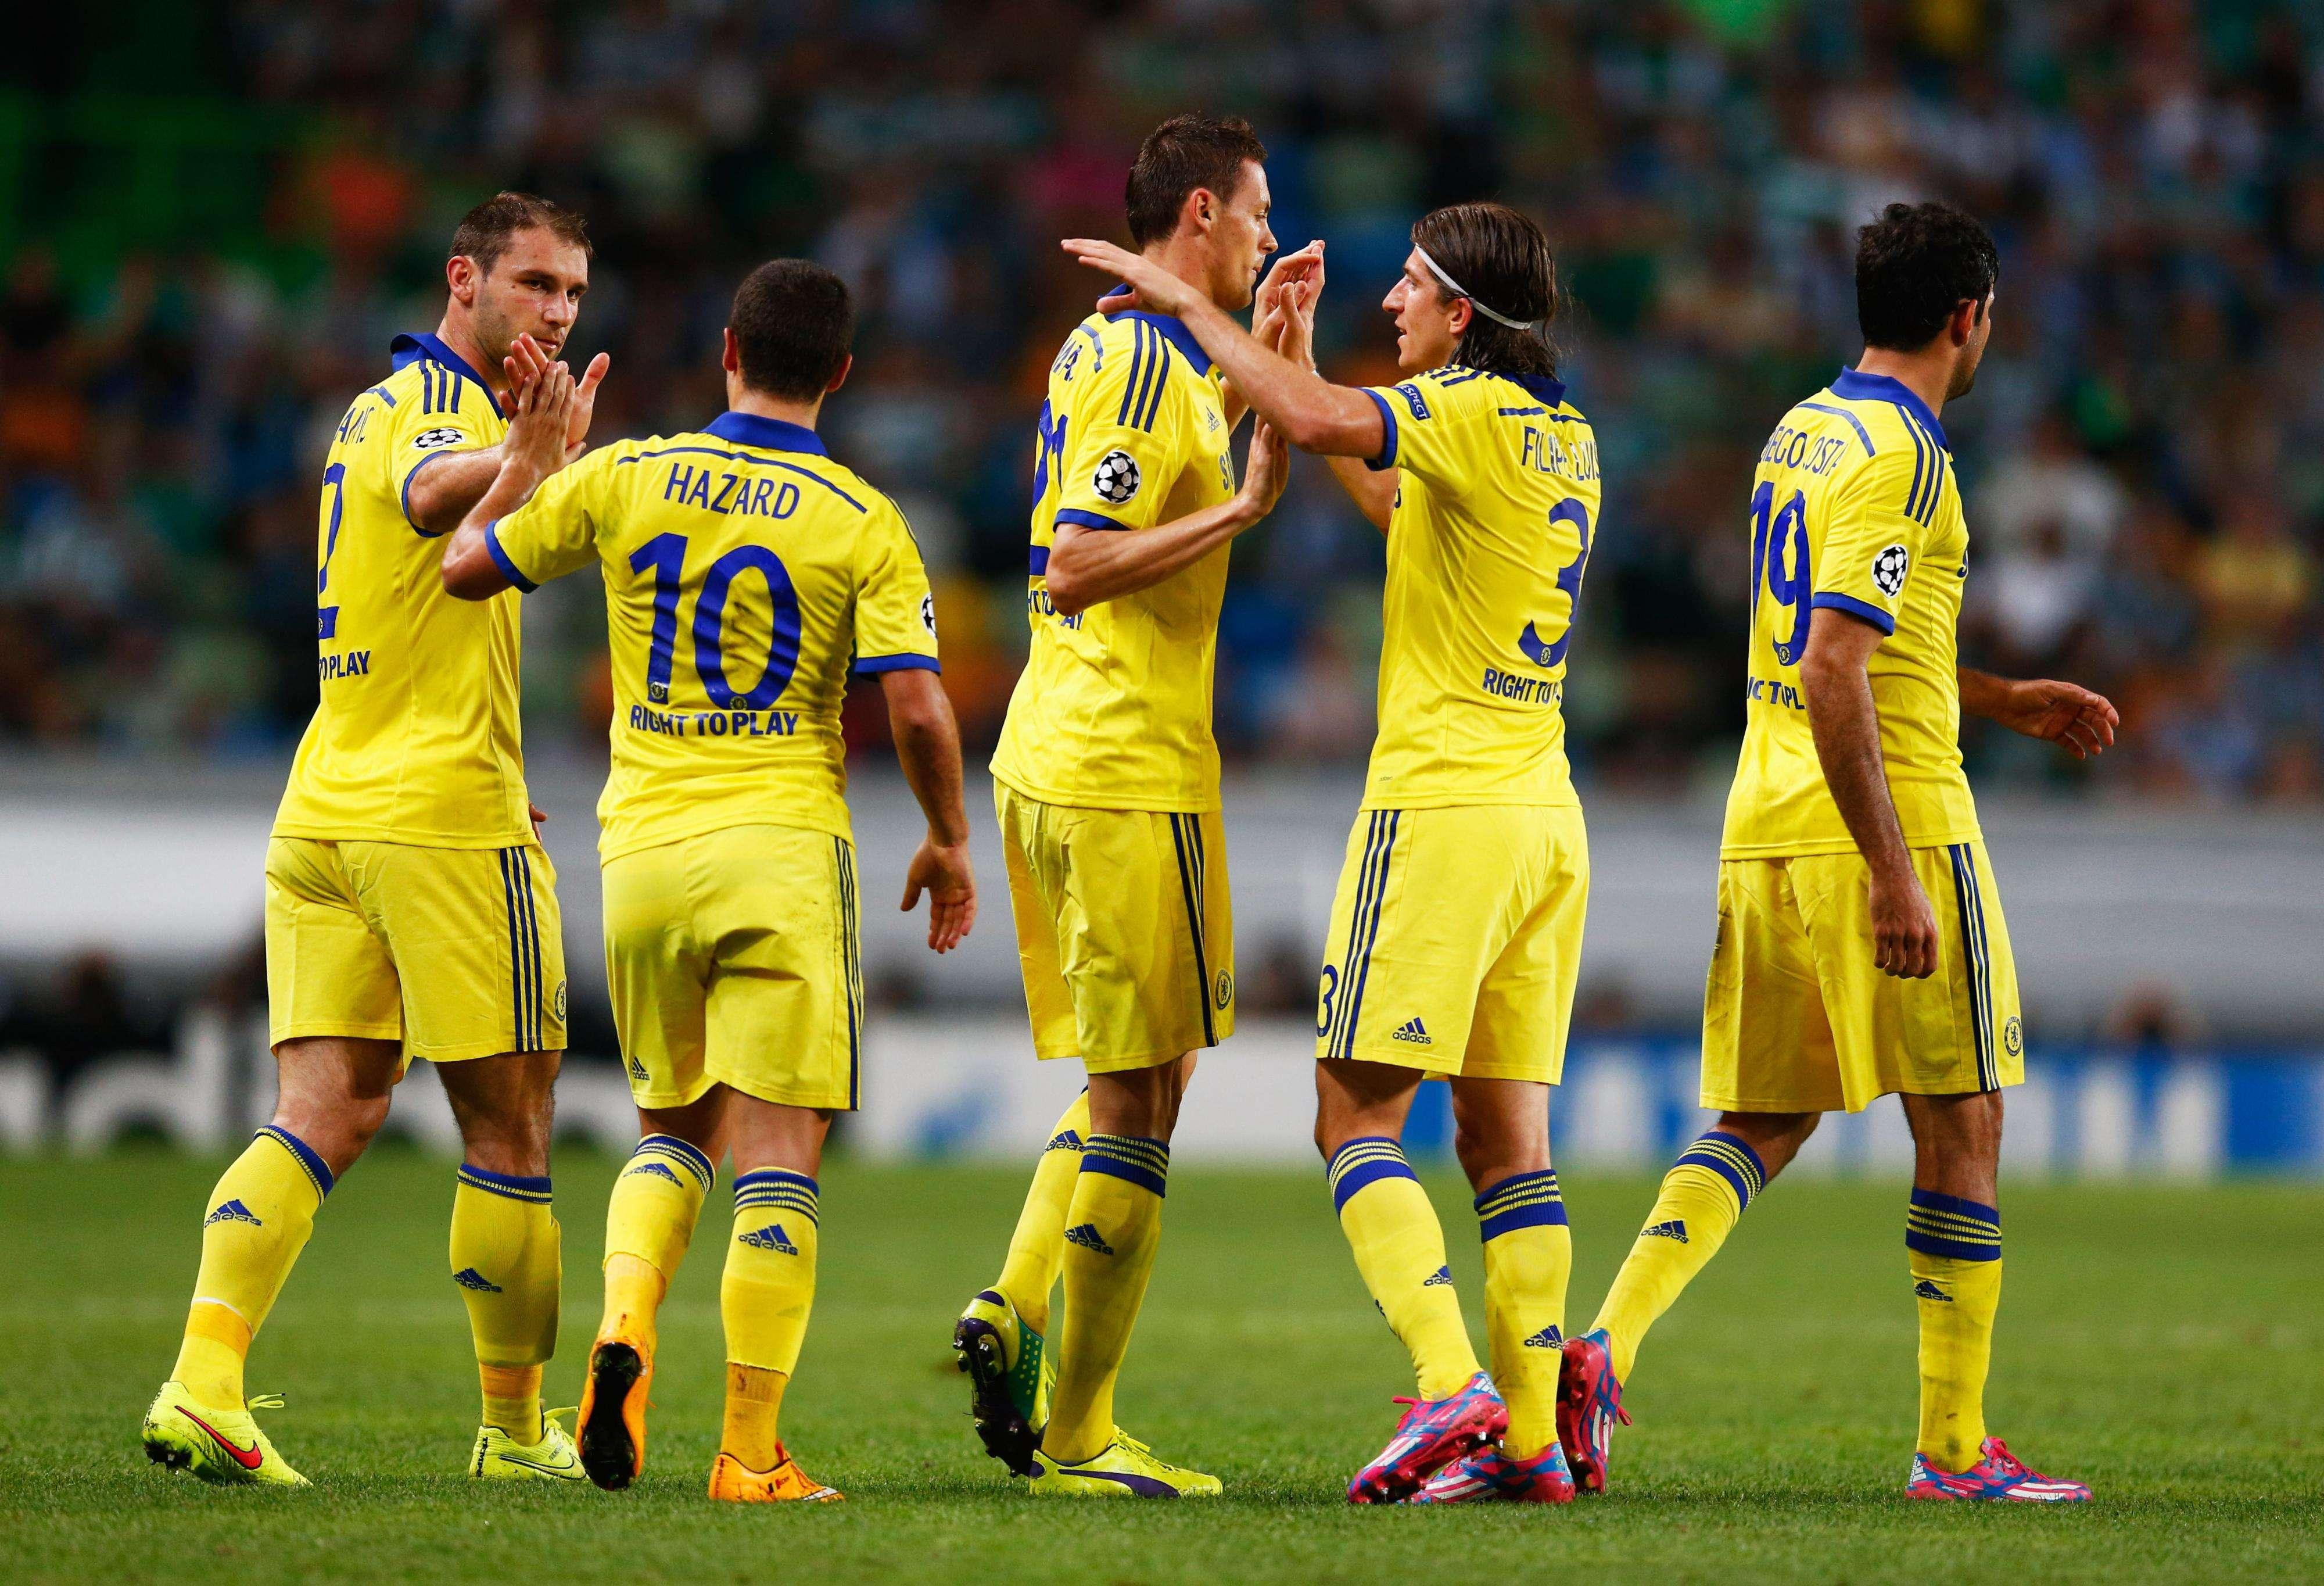 Con gol de Matic a los 34 minutos el Chelsea se llevó los tres puntos como visitante al derrotar 1-0 al Sporting para comandar el Grupo G Foto: Getty Images